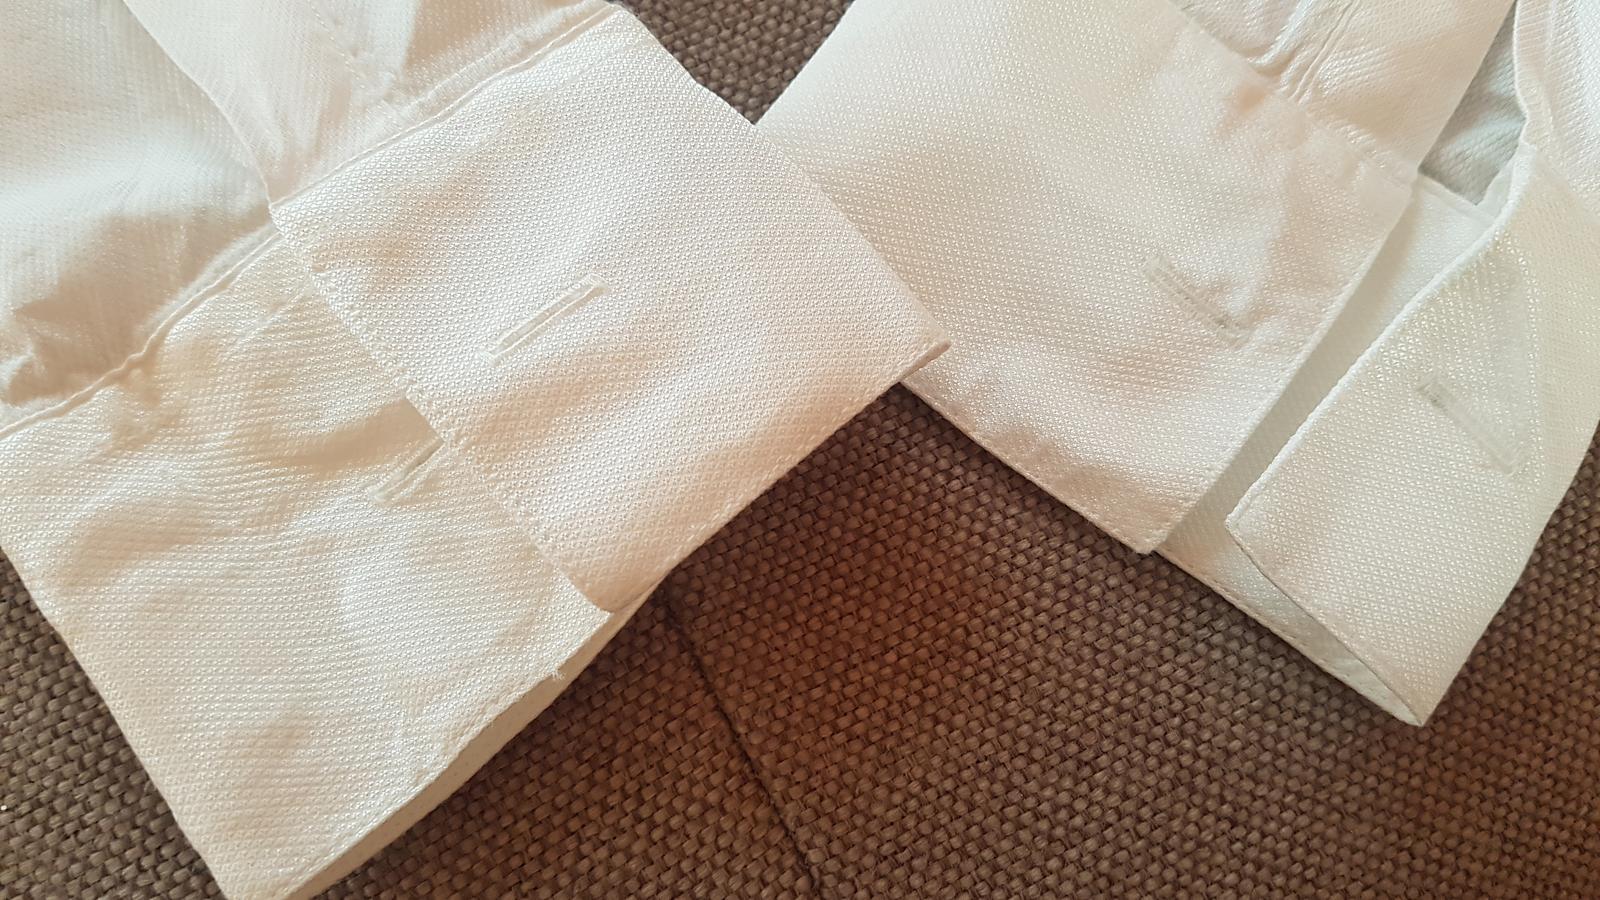 Košeľa Lord Anthony - odtieň diamont white - Obrázok č. 4